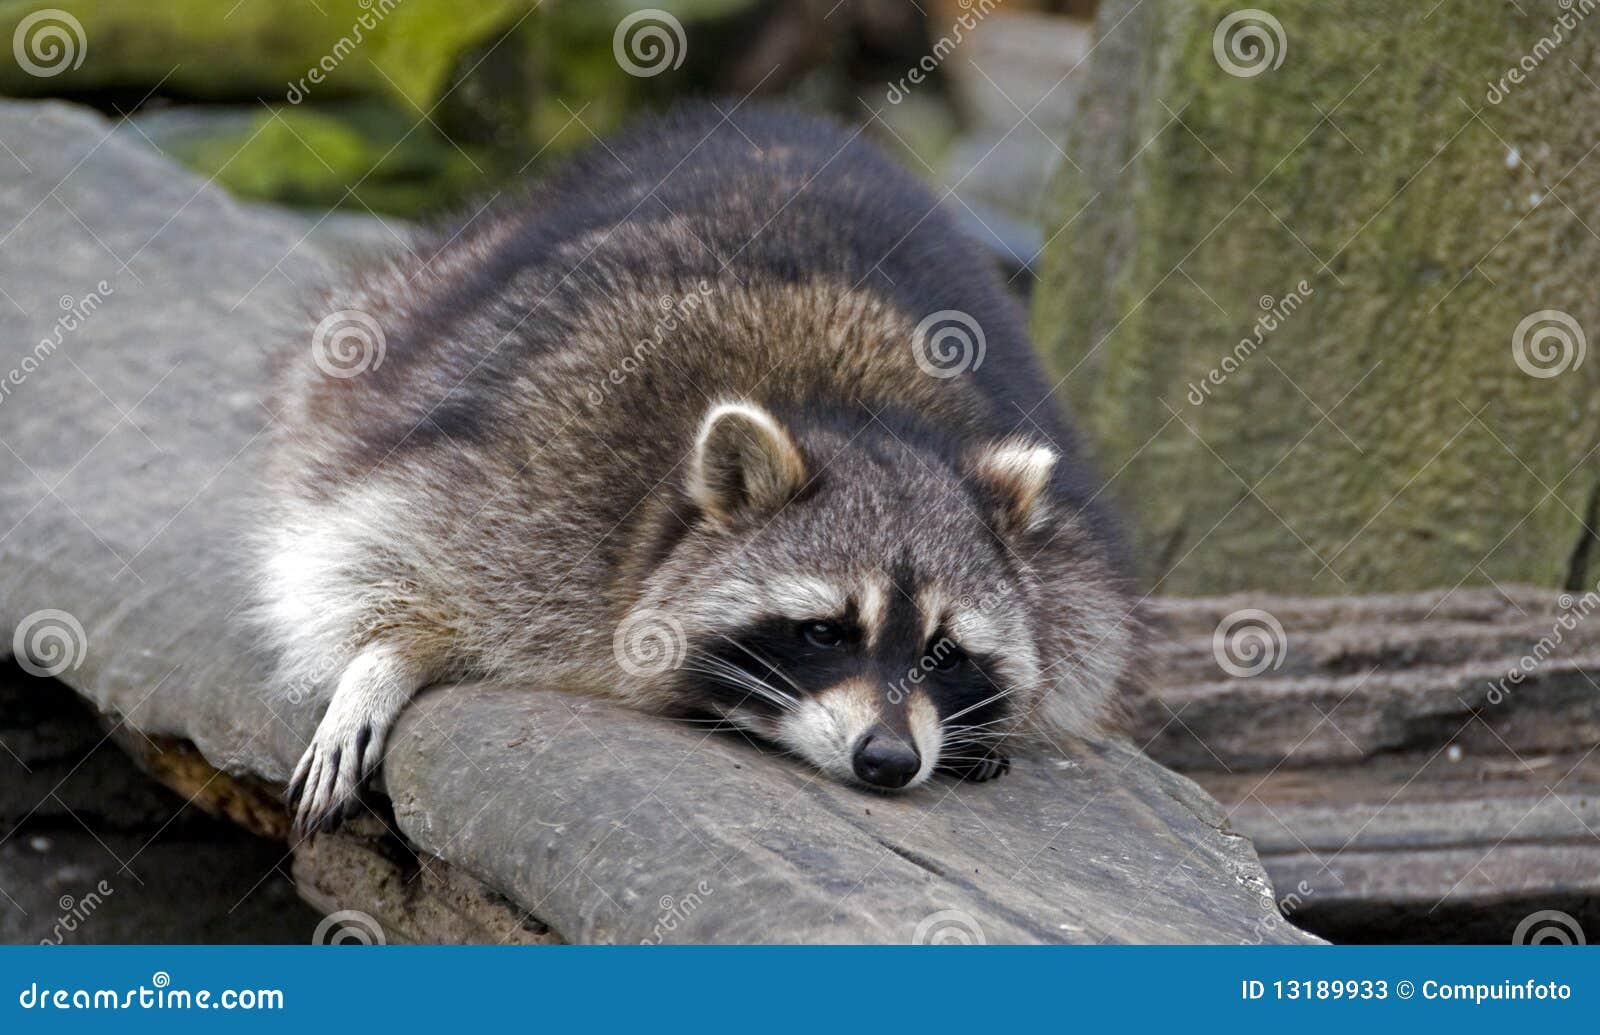 [Image: sleeping-raccoon-13189933.jpg]